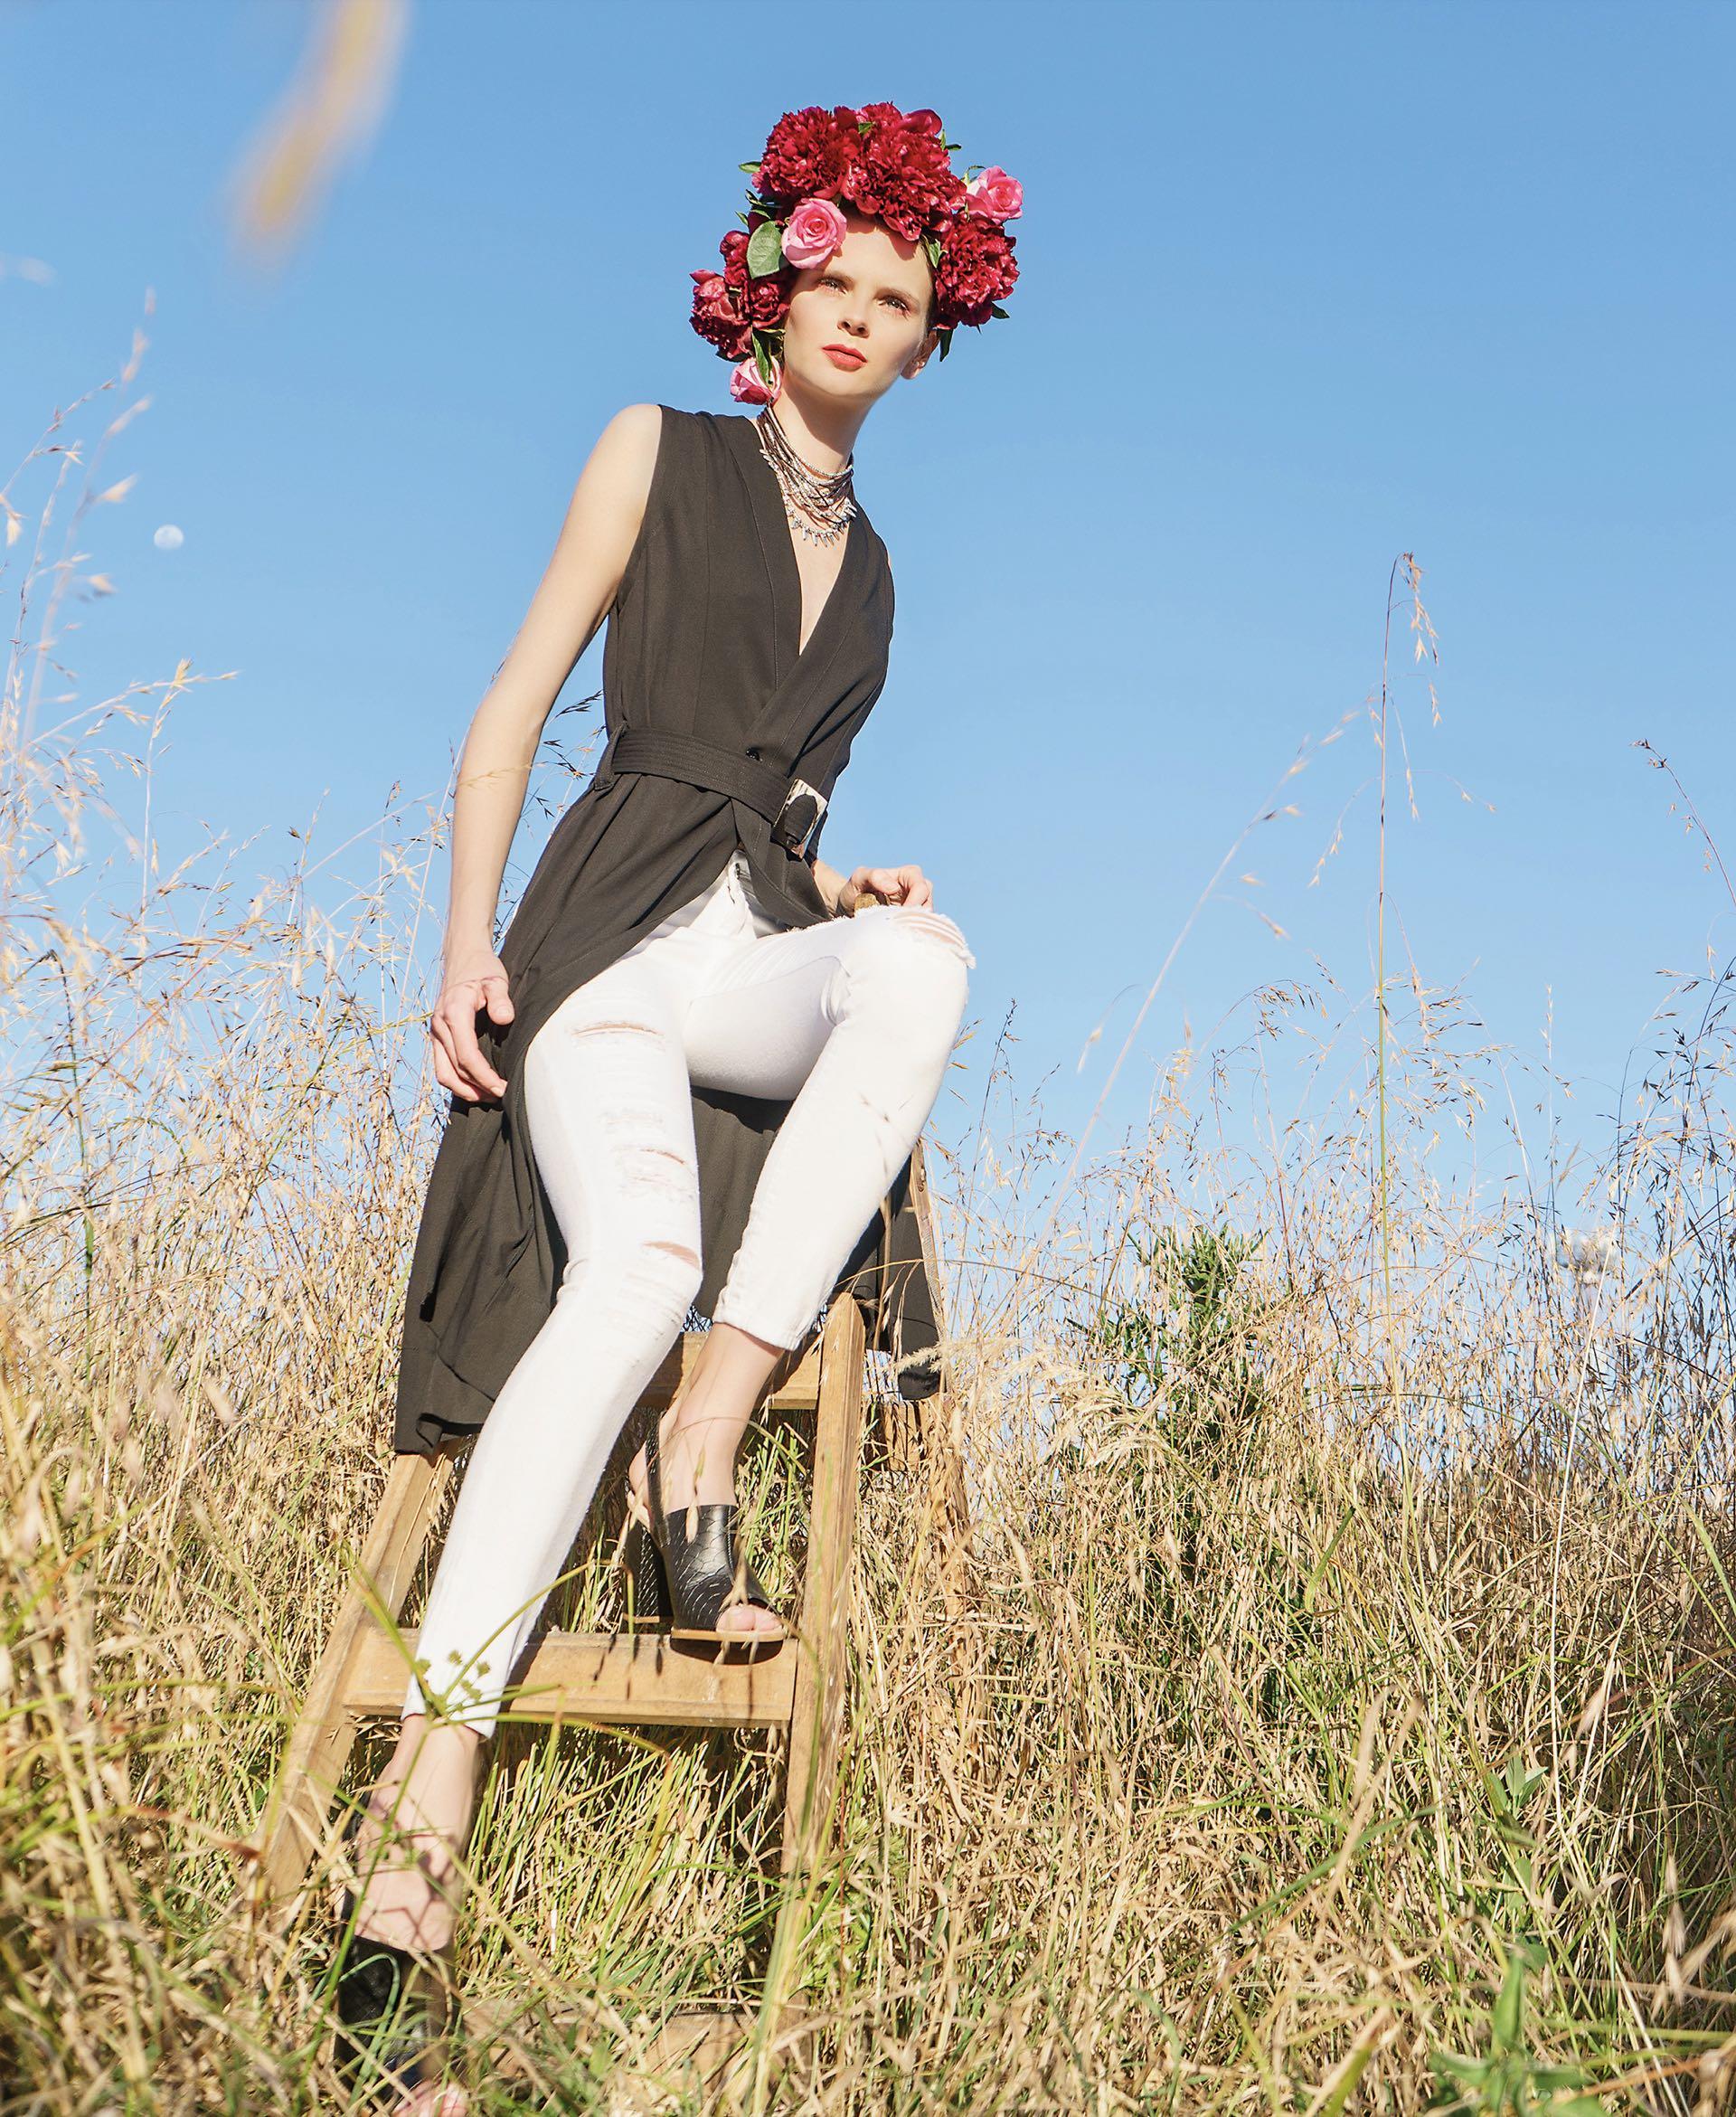 Vestido cruzado con cinturón ($ 4.470, Mishka), jean chupín con roturas ($ 880, Scombro), sandalias de cuero grabado ($ 2.170, BelSoulye) y collar de cordón de cuero con detalles en plata (Unode50).Foto Juan Jauregui/ Para Ti